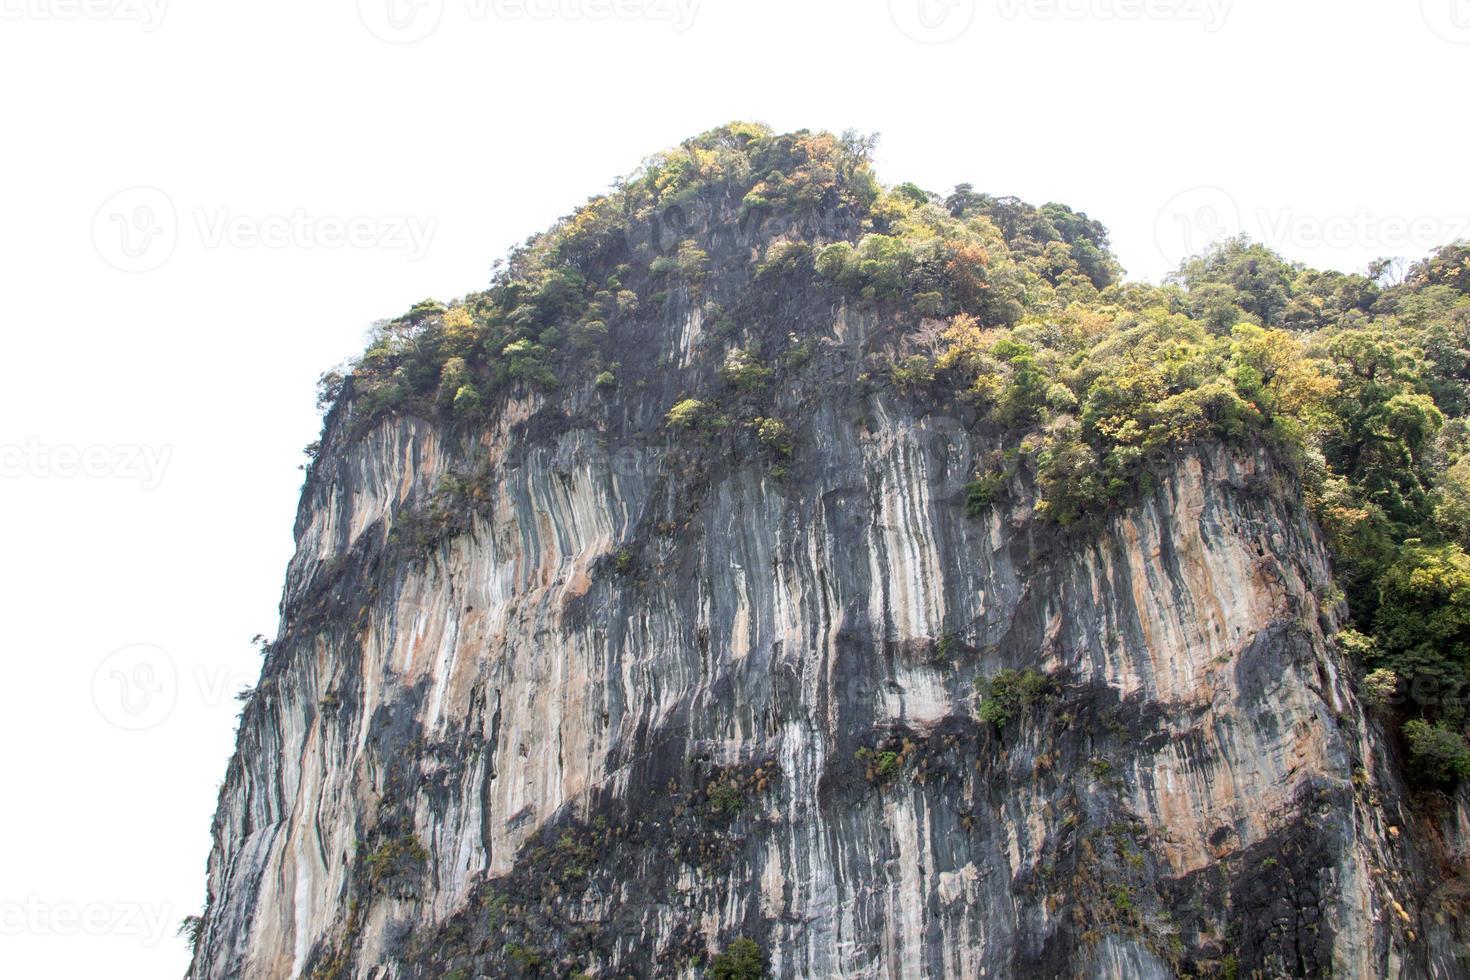 Image de paysage île vue de la province de phuket en Thaïlande photo